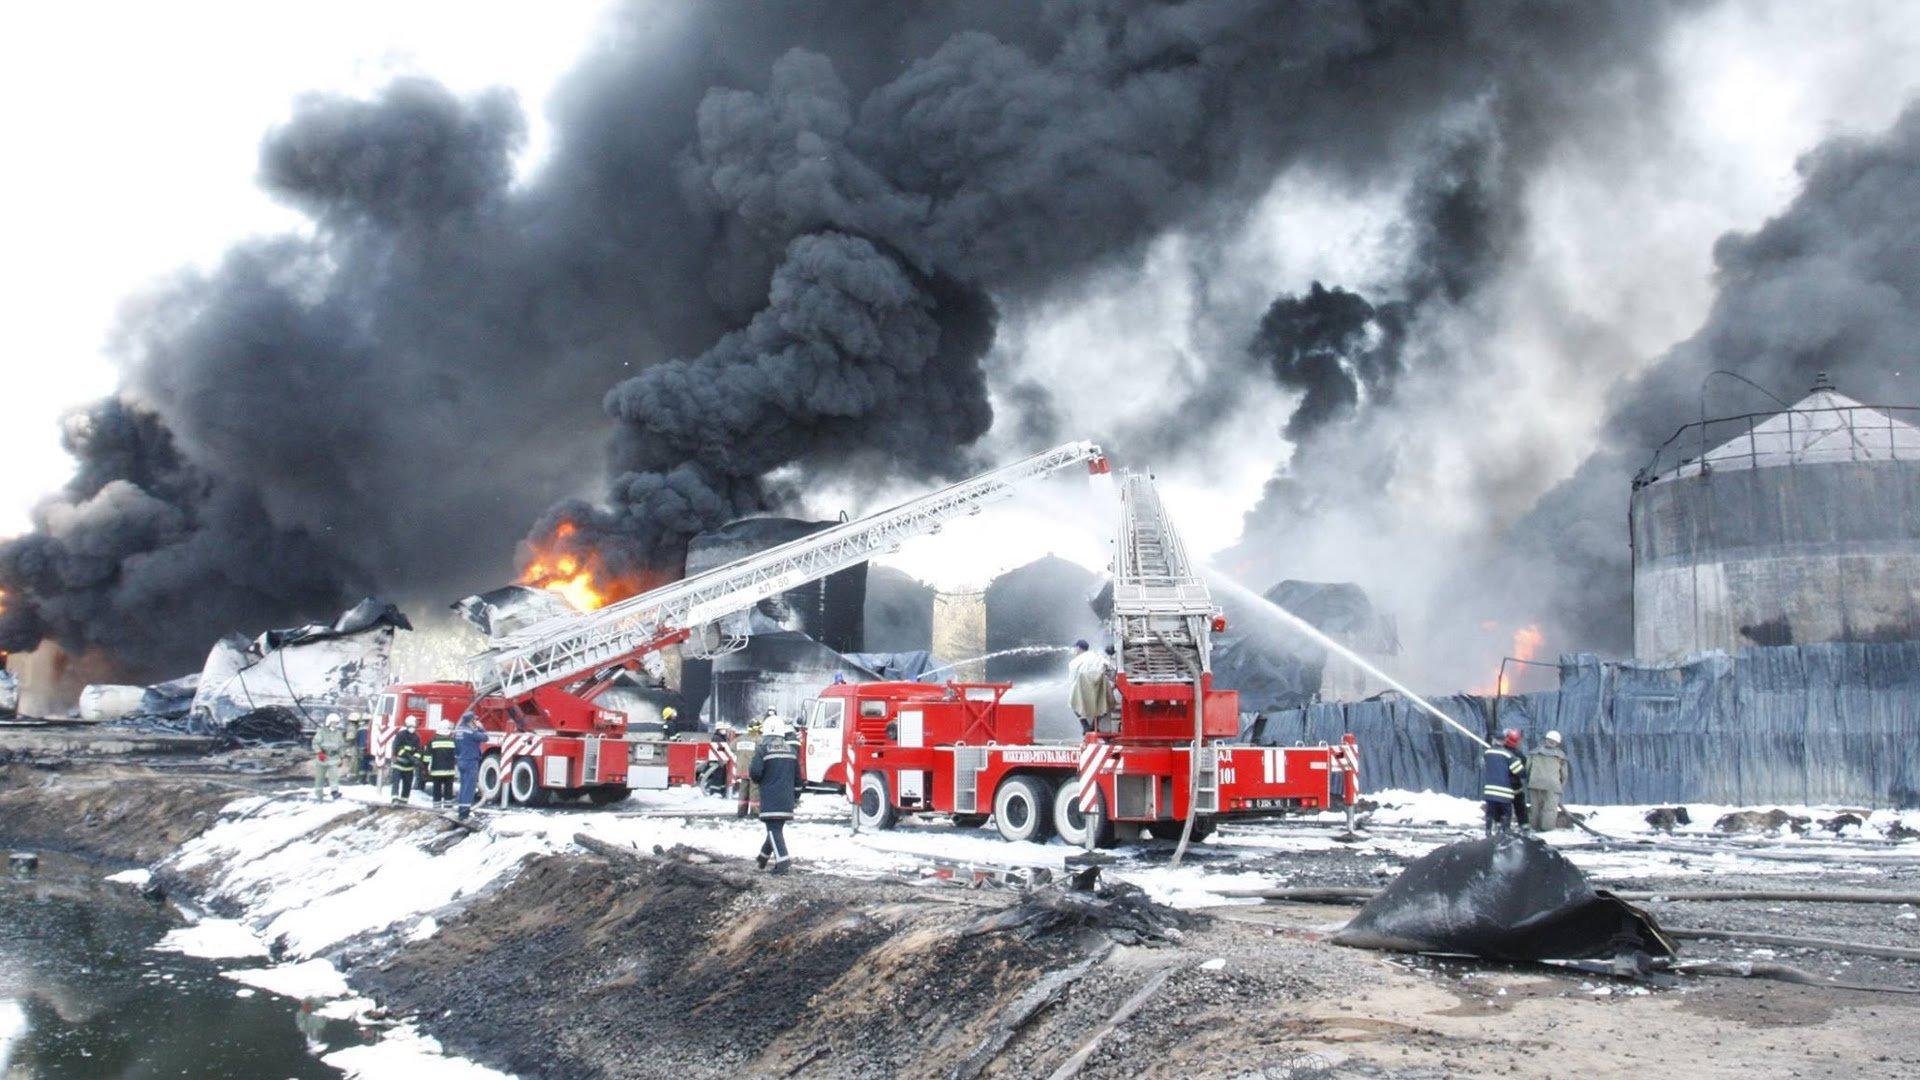 ВКемерово ночью вжилом доме произошел пожар